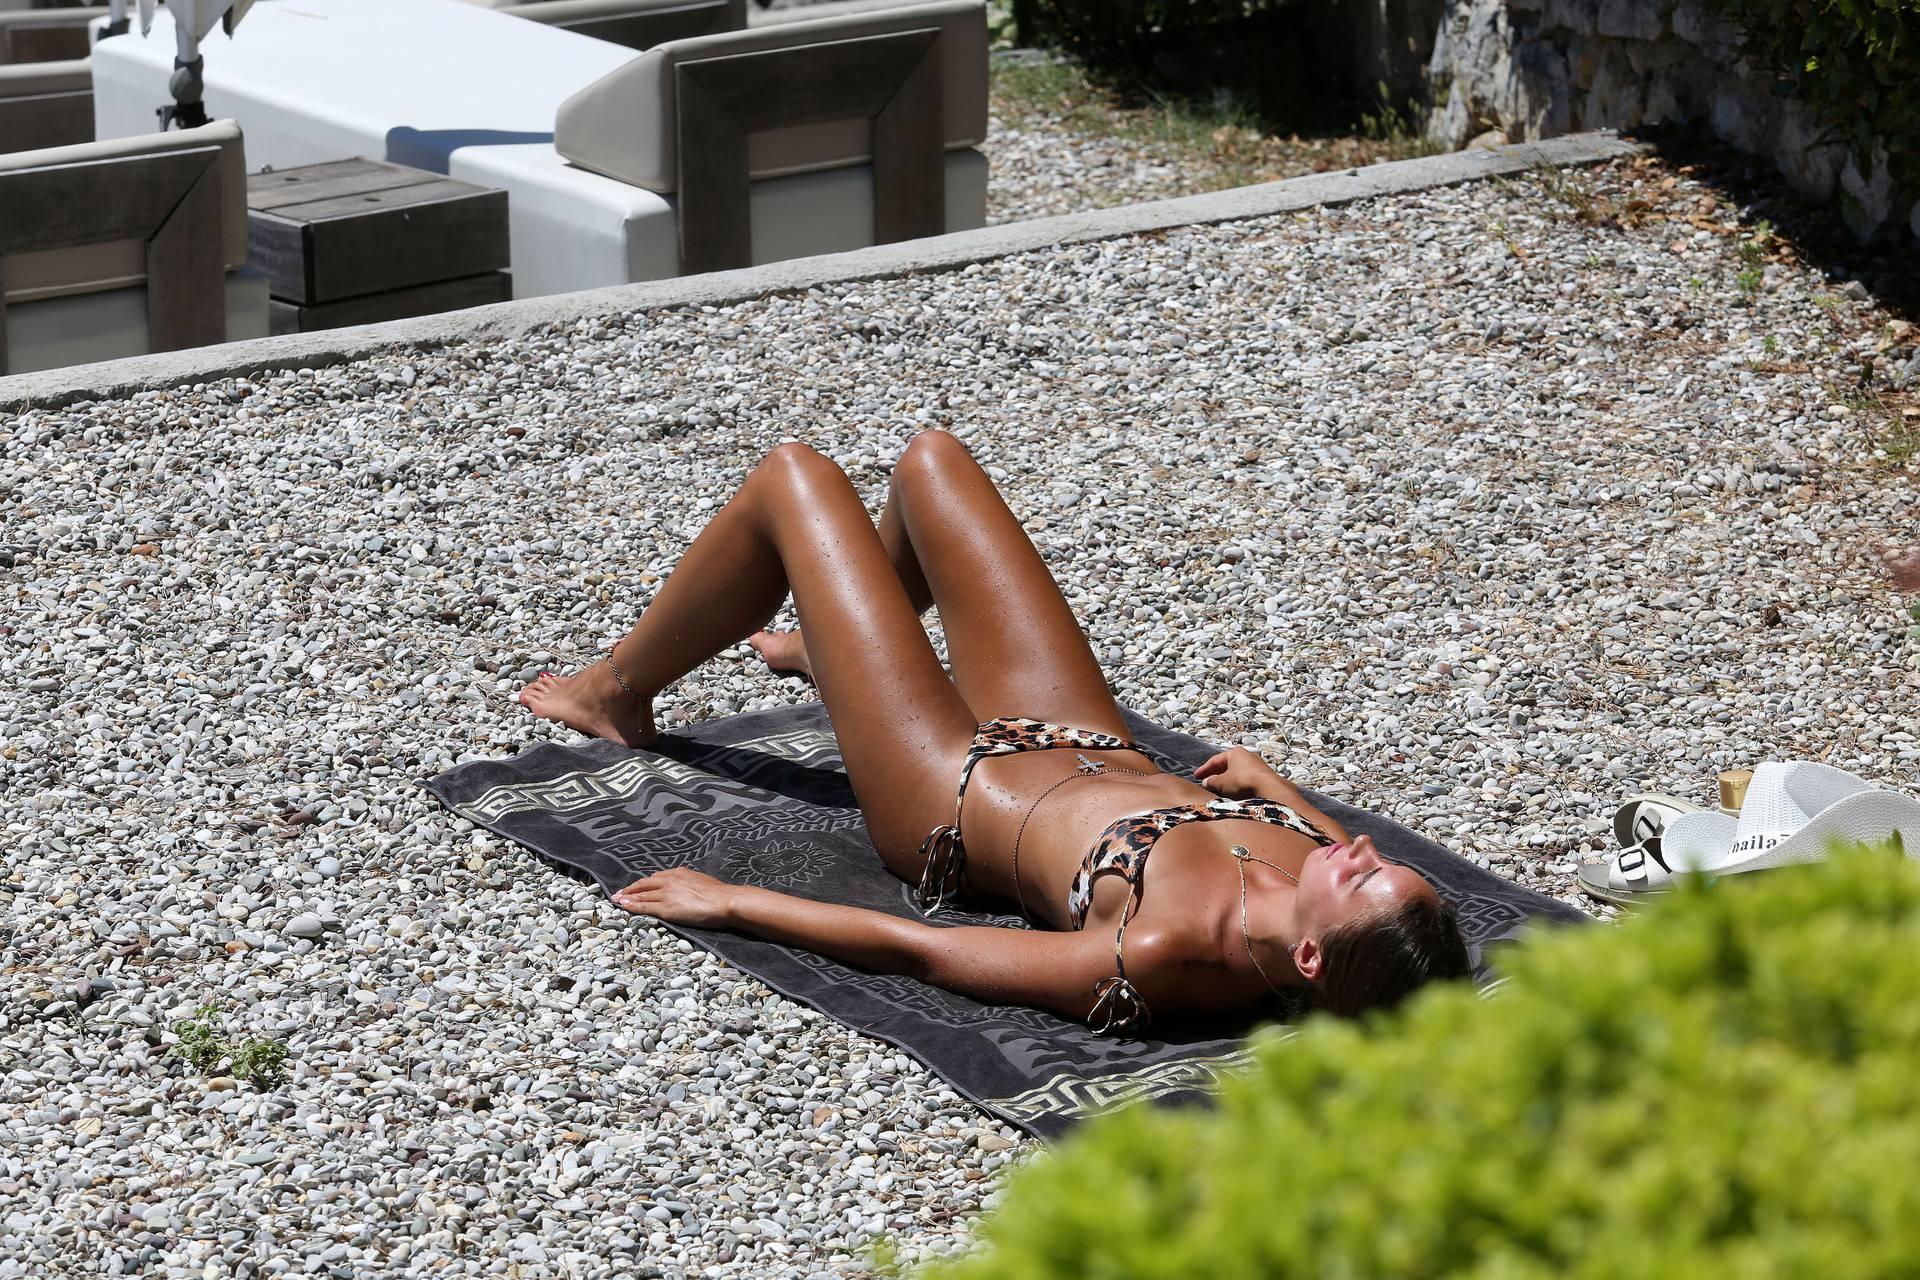 Ljetne radosti na Opatijskoj rivijeri: Kupalo se i sunčalo